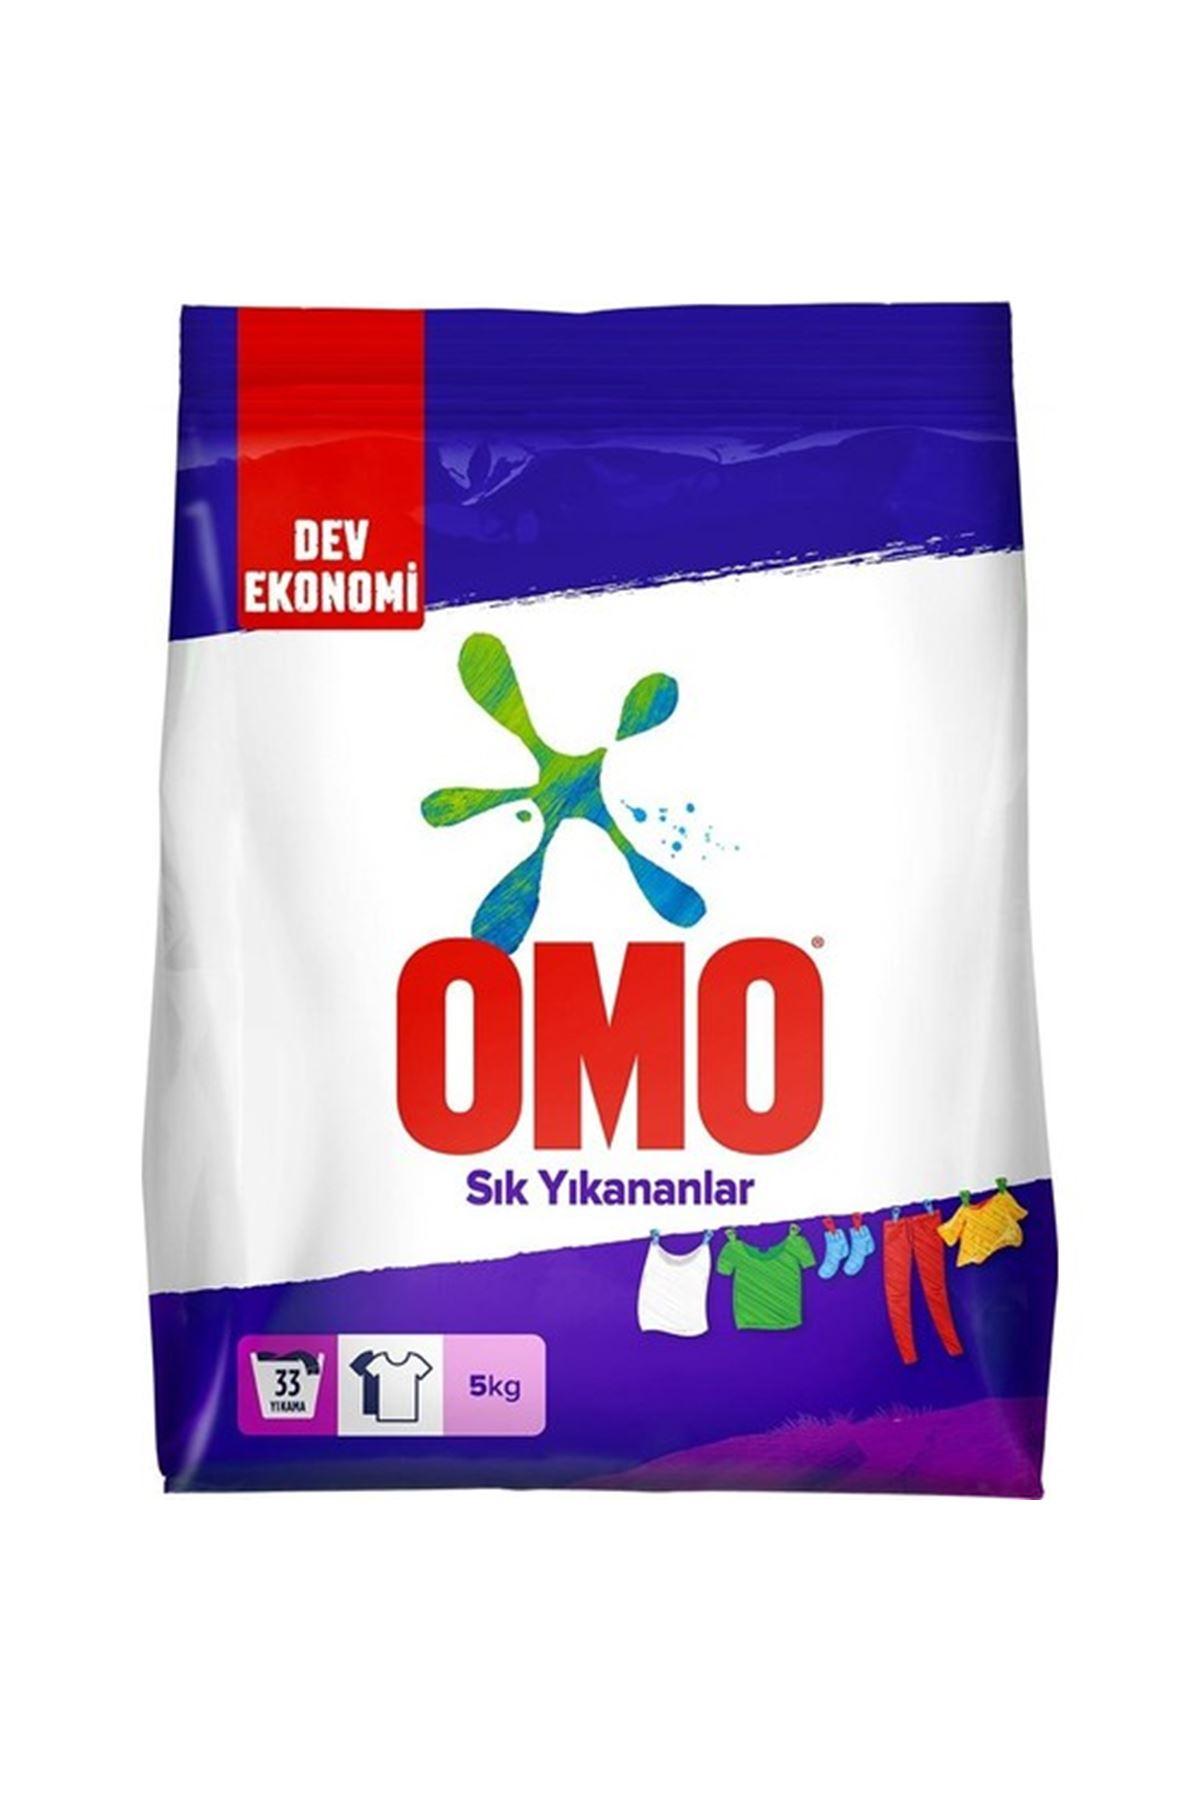 Omo Sık Yıkananlar 5 Kg Toz Çamaşır Deterjanı